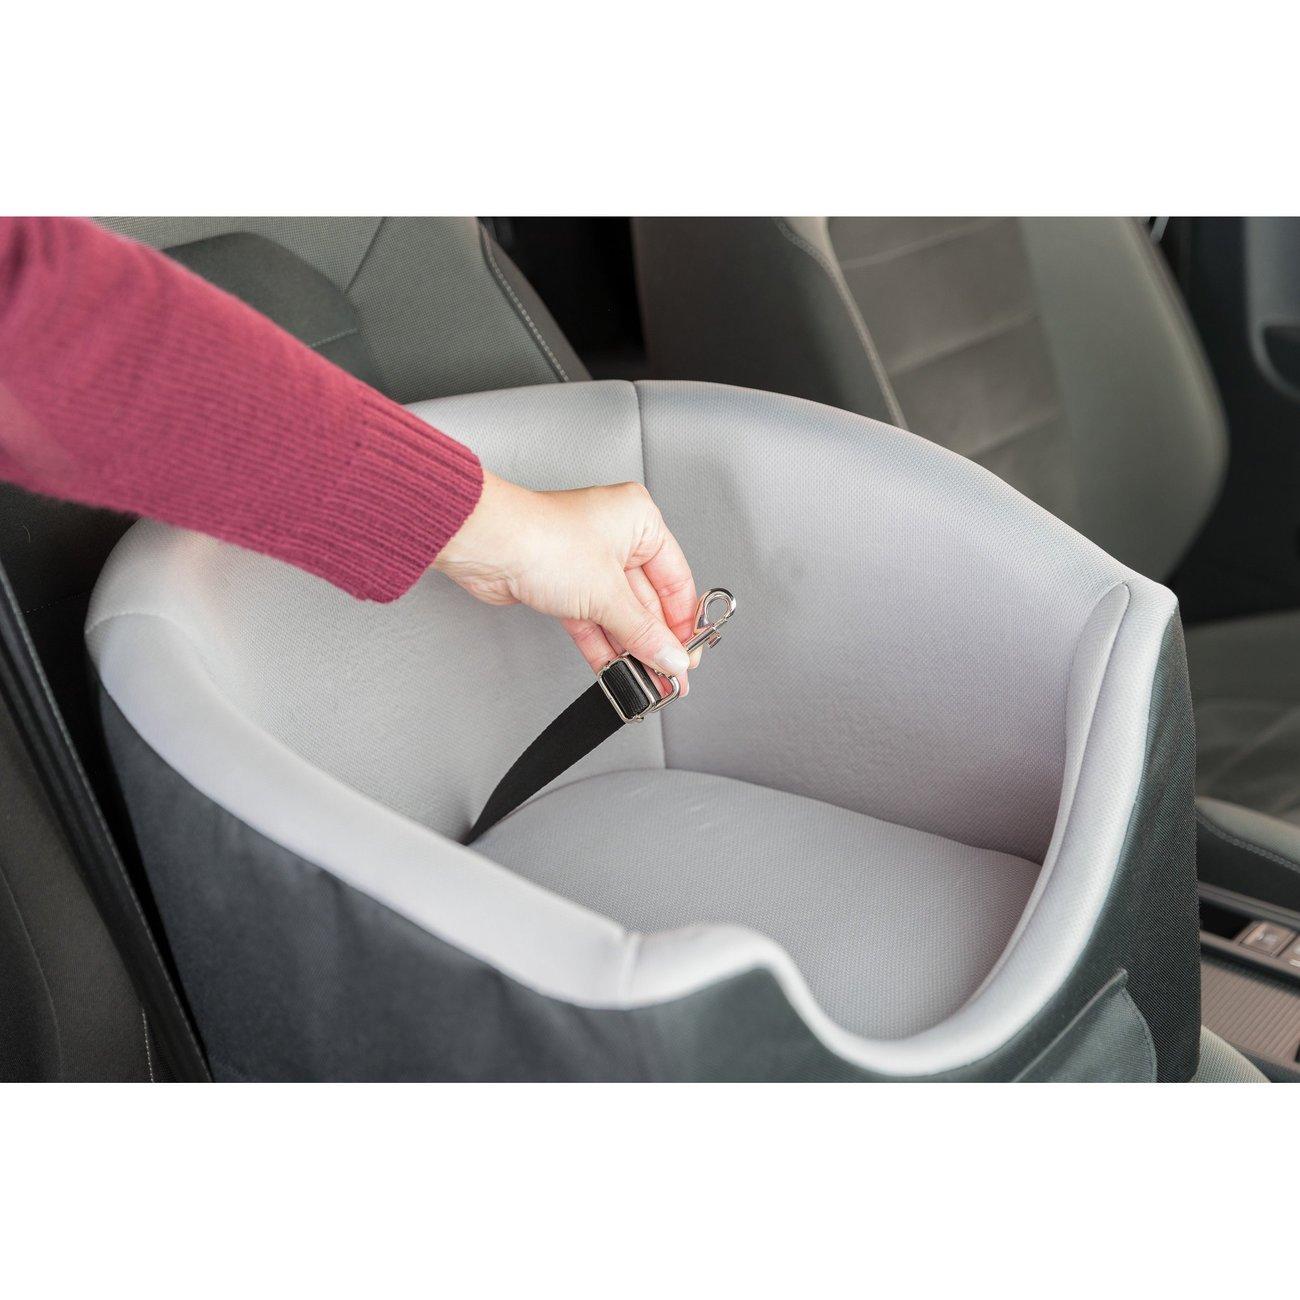 TRIXIE Autositz für kleine Hunde bis 8 kg 13176, Bild 15